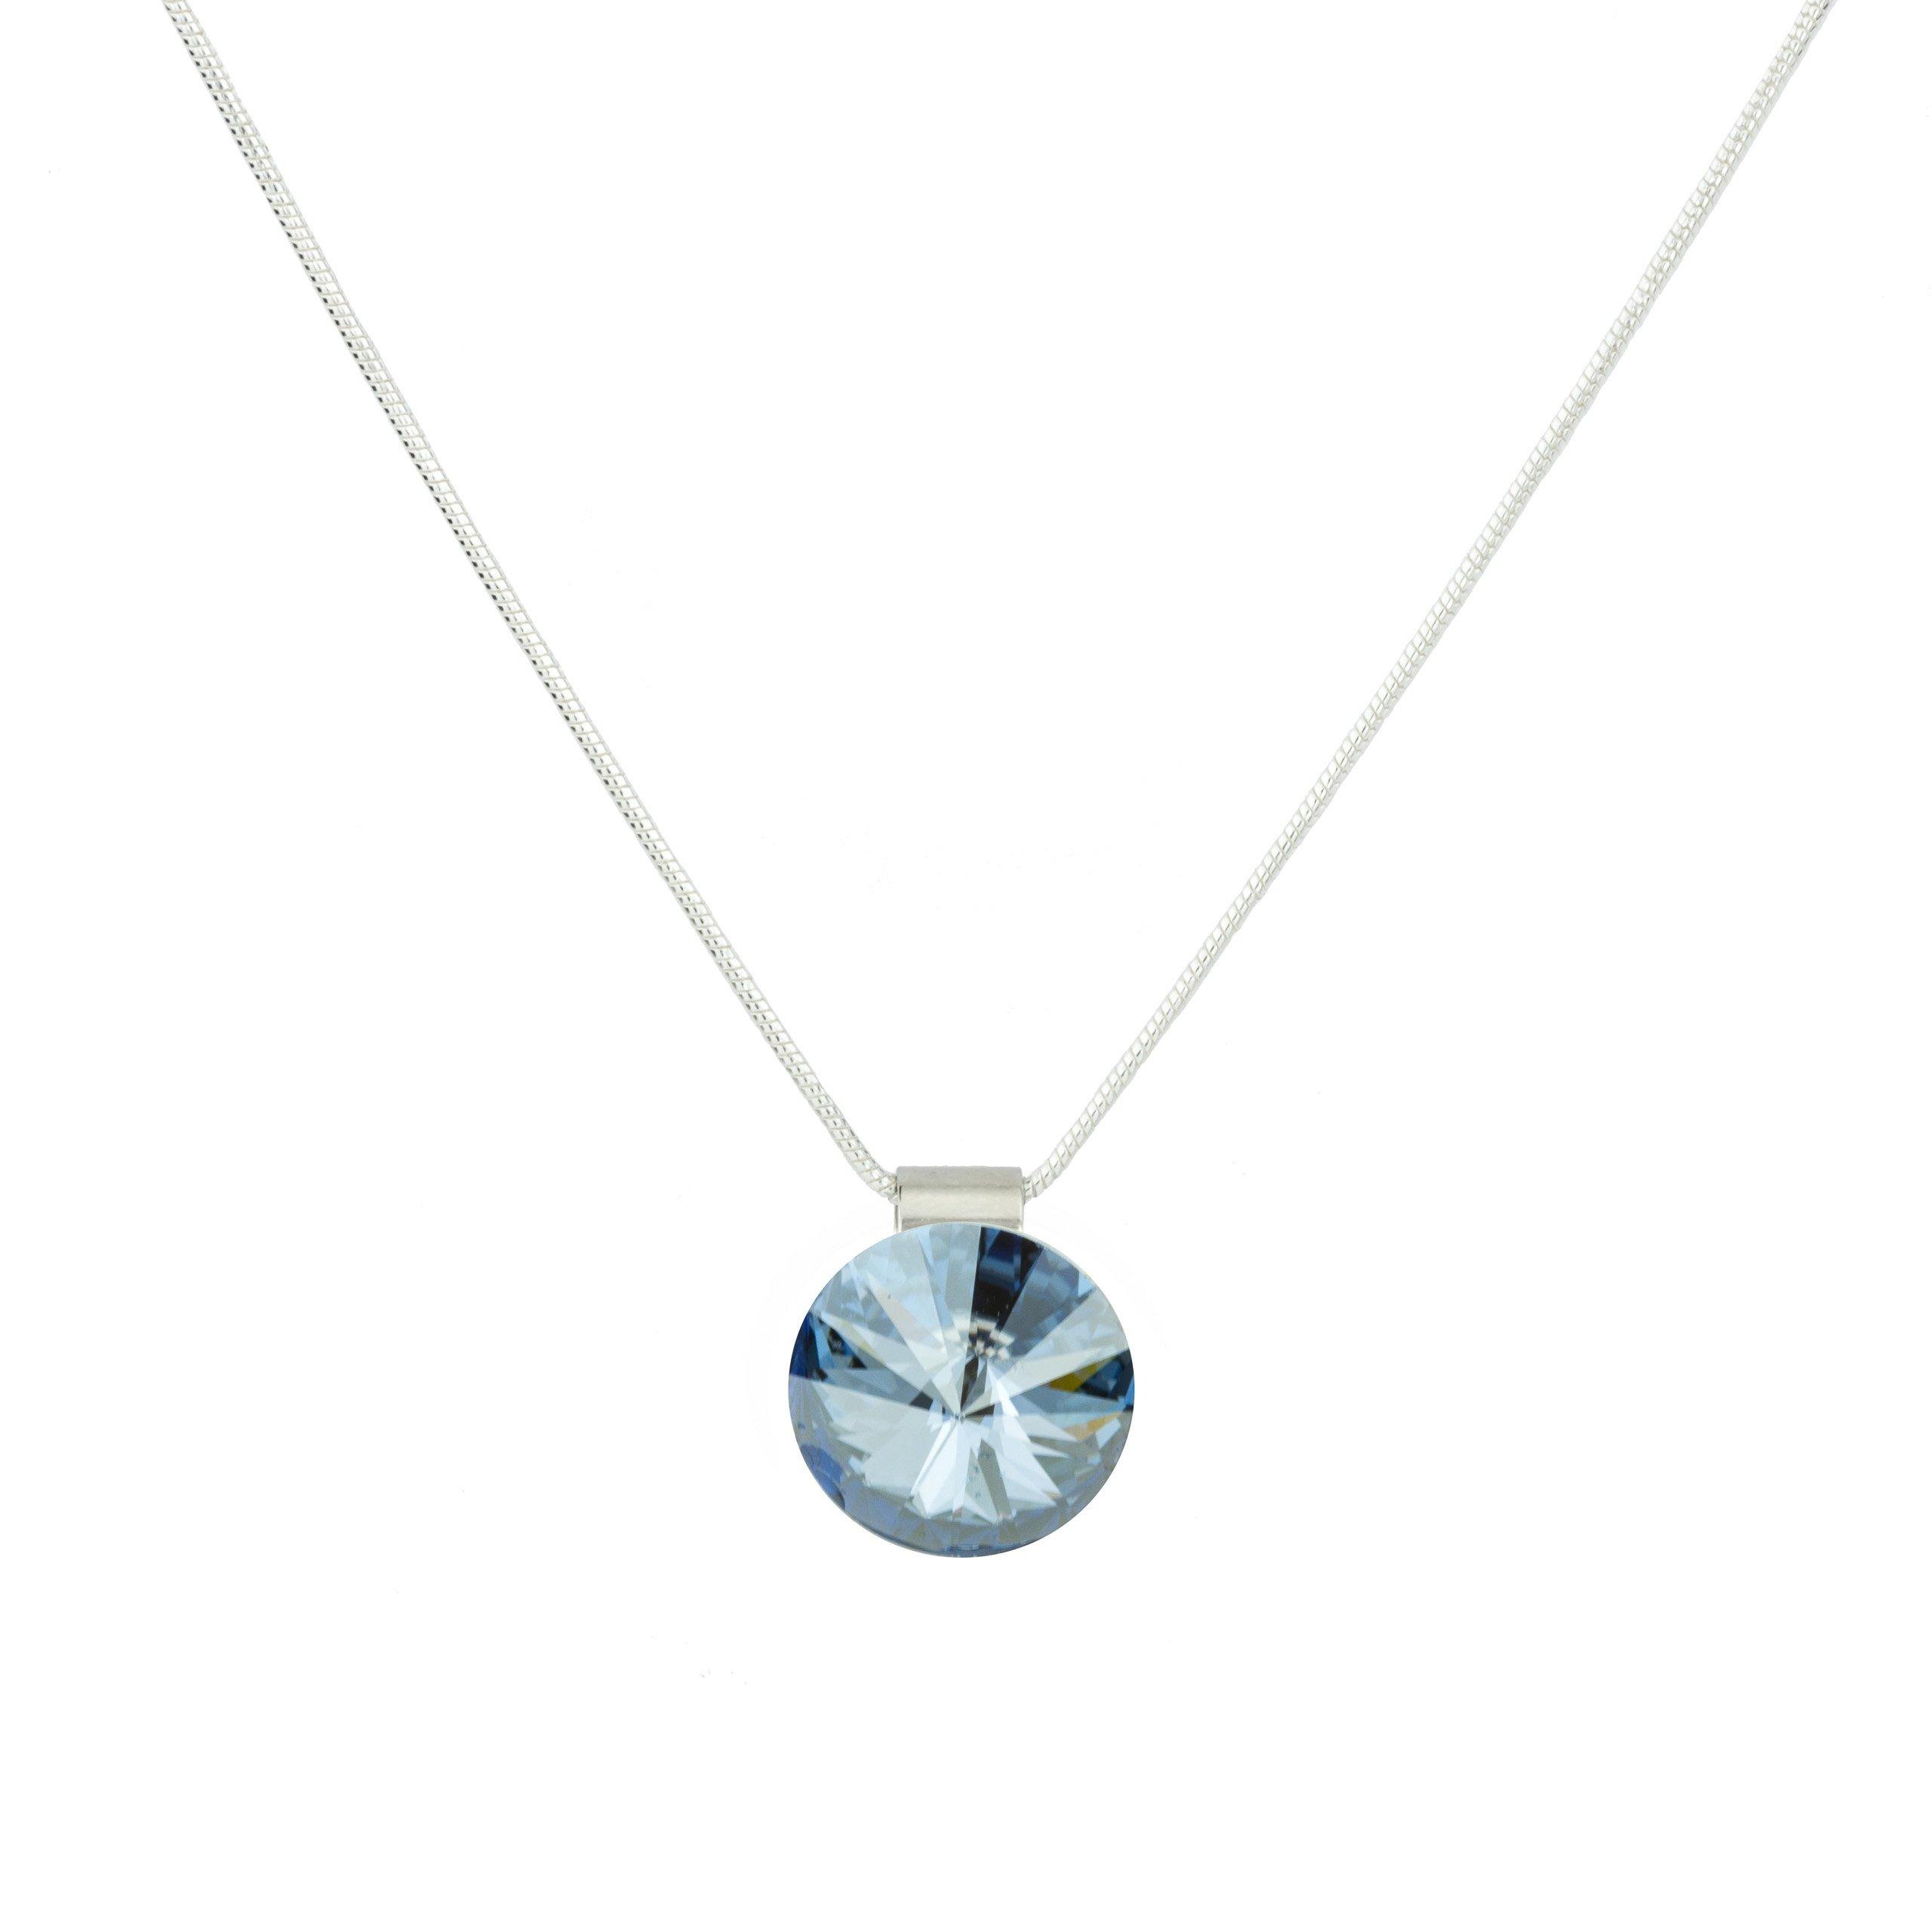 Eve S jewelry collana da donna con ciondolo Swarovski Elements Crystal Blue Shade placcati argento r